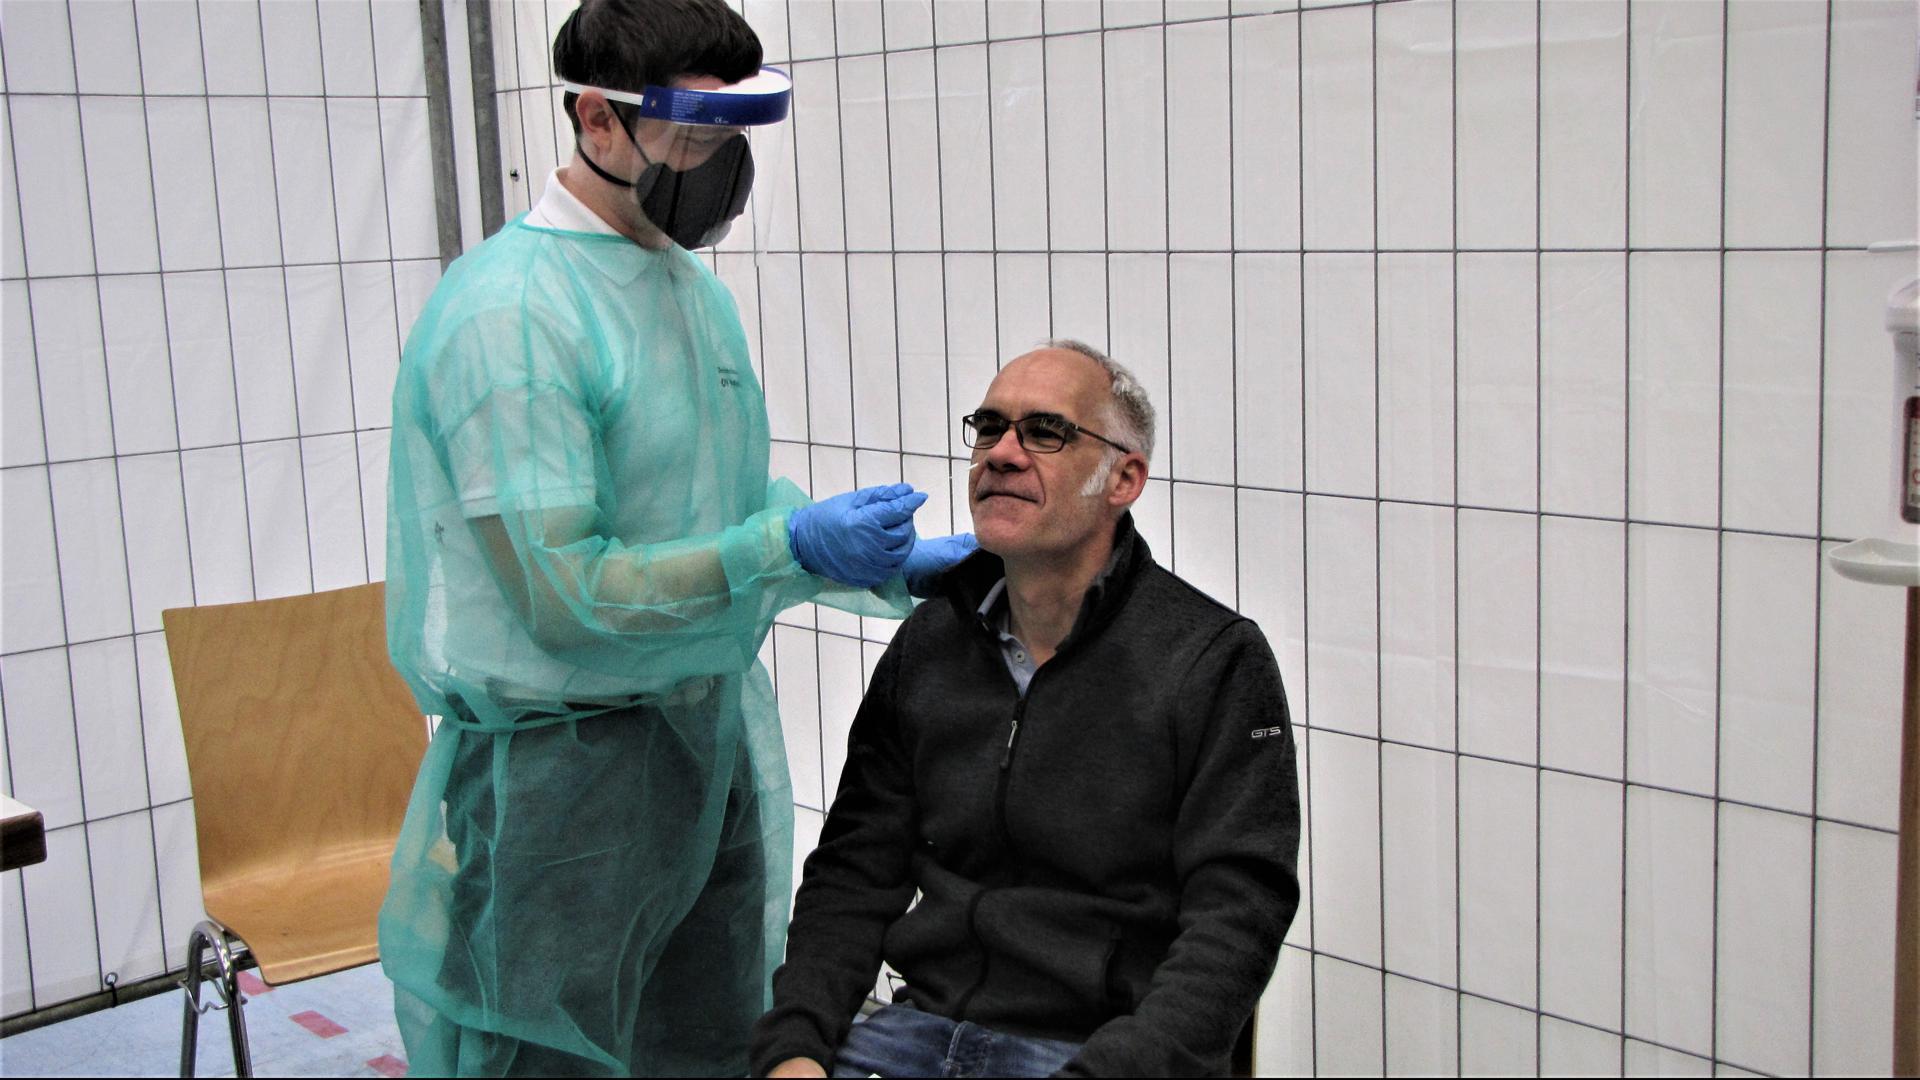 Volker Bulling kommt im Nebenjob im Städtischen Klinikum Karlsruhe mit Patienten zusammen. Deshalb lässt er sich öfters testen, wie am Samstag in Rheinstetten durch Domi-nik Perpeet.